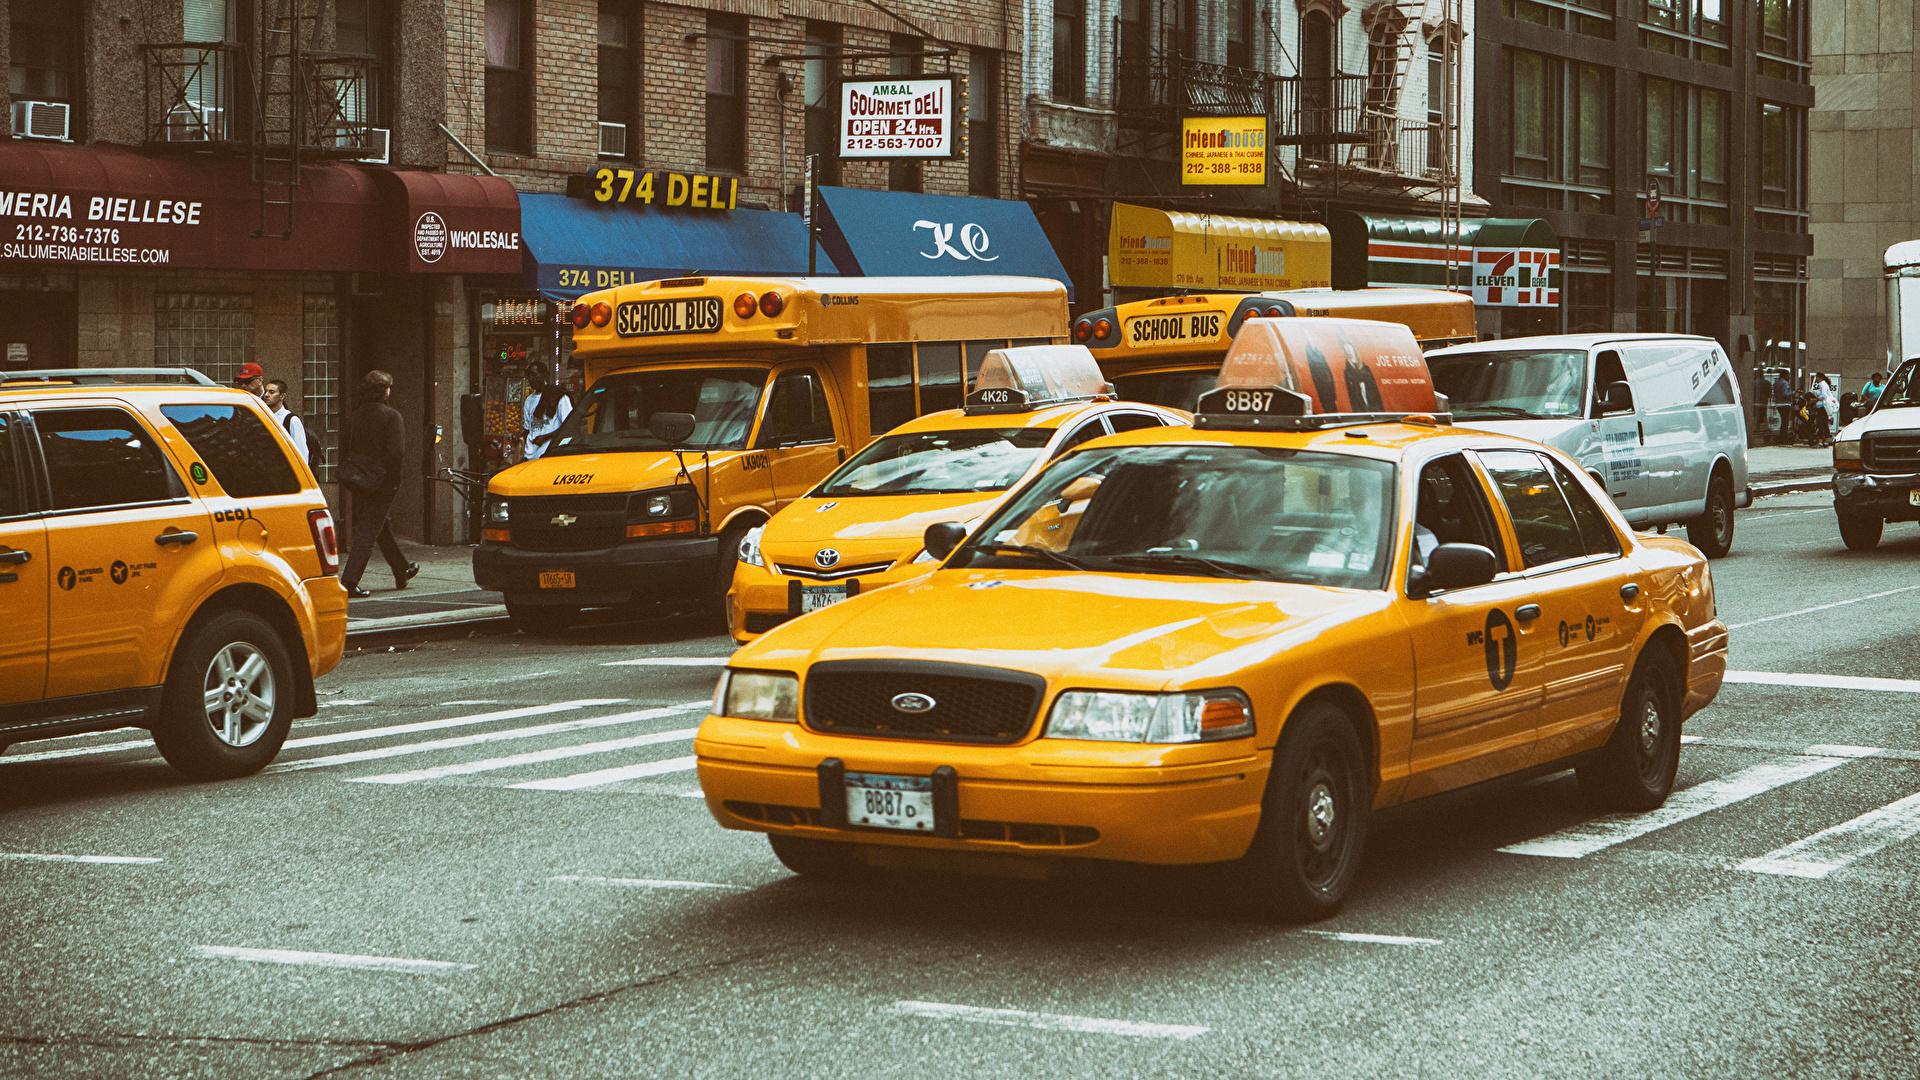 Publicidad para taxis